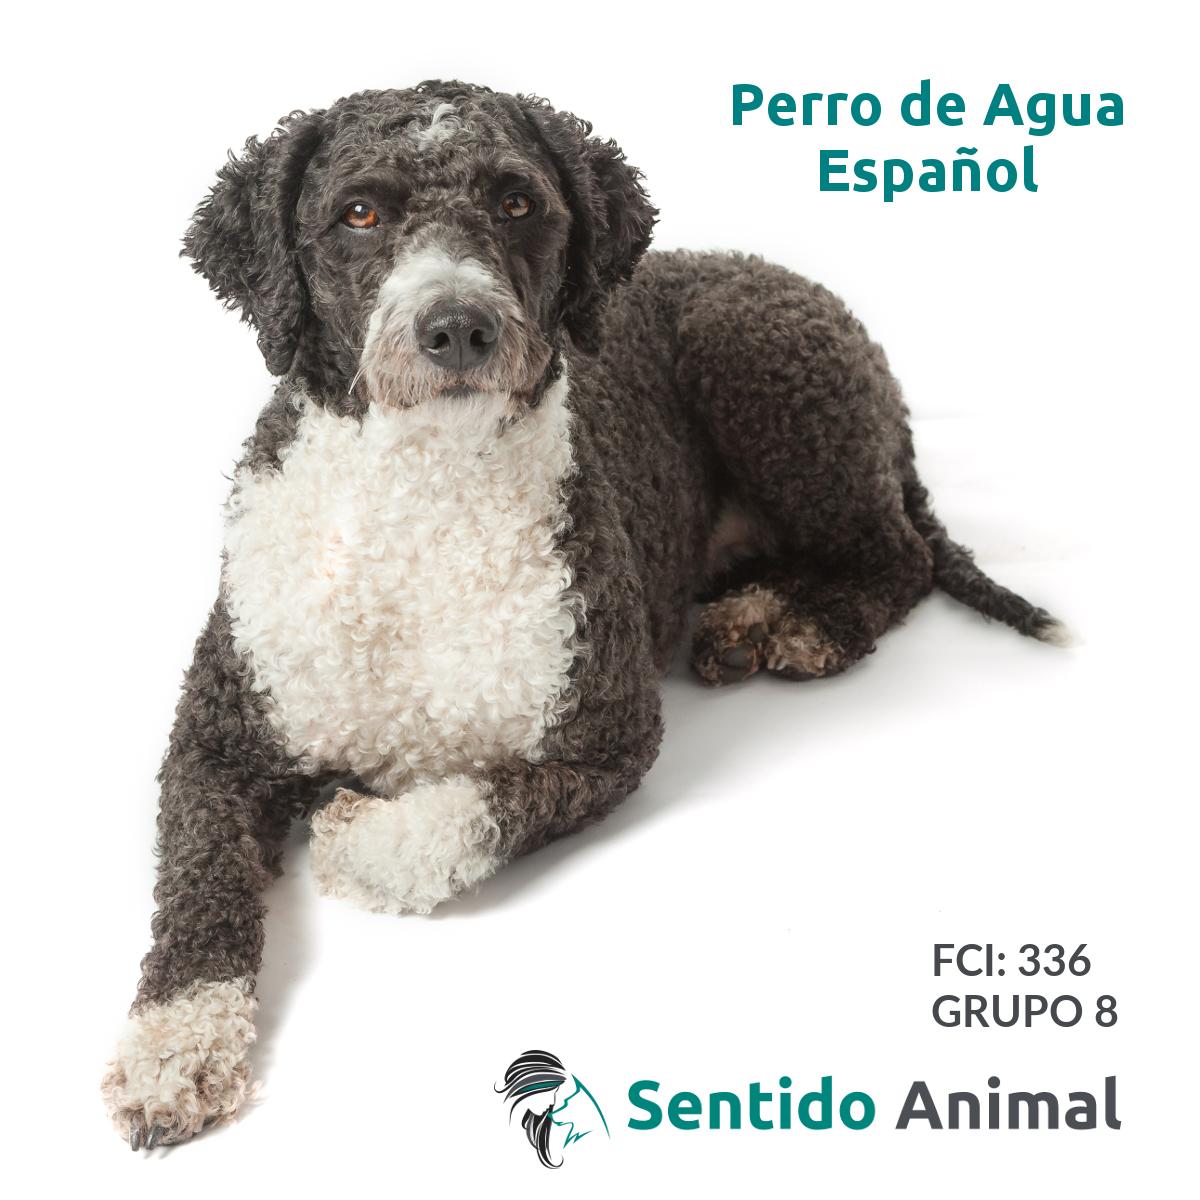 Preguntas y respuestas sobre razas del FCI: el Perro de Agua Español